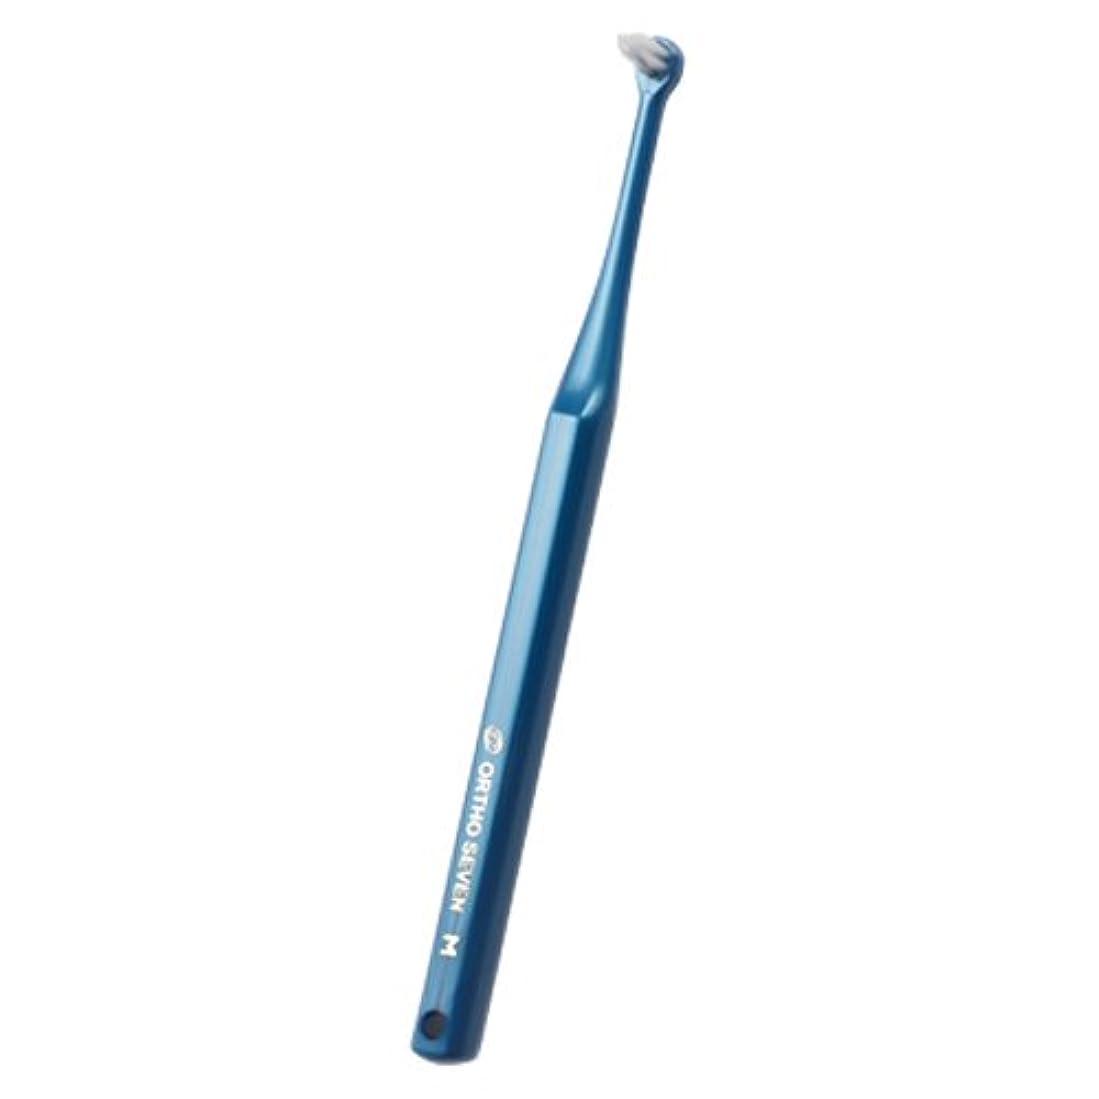 ケーキペア平衡ORTHOSEVEN オーソセブン 歯ブラシ 1本 パールブルー